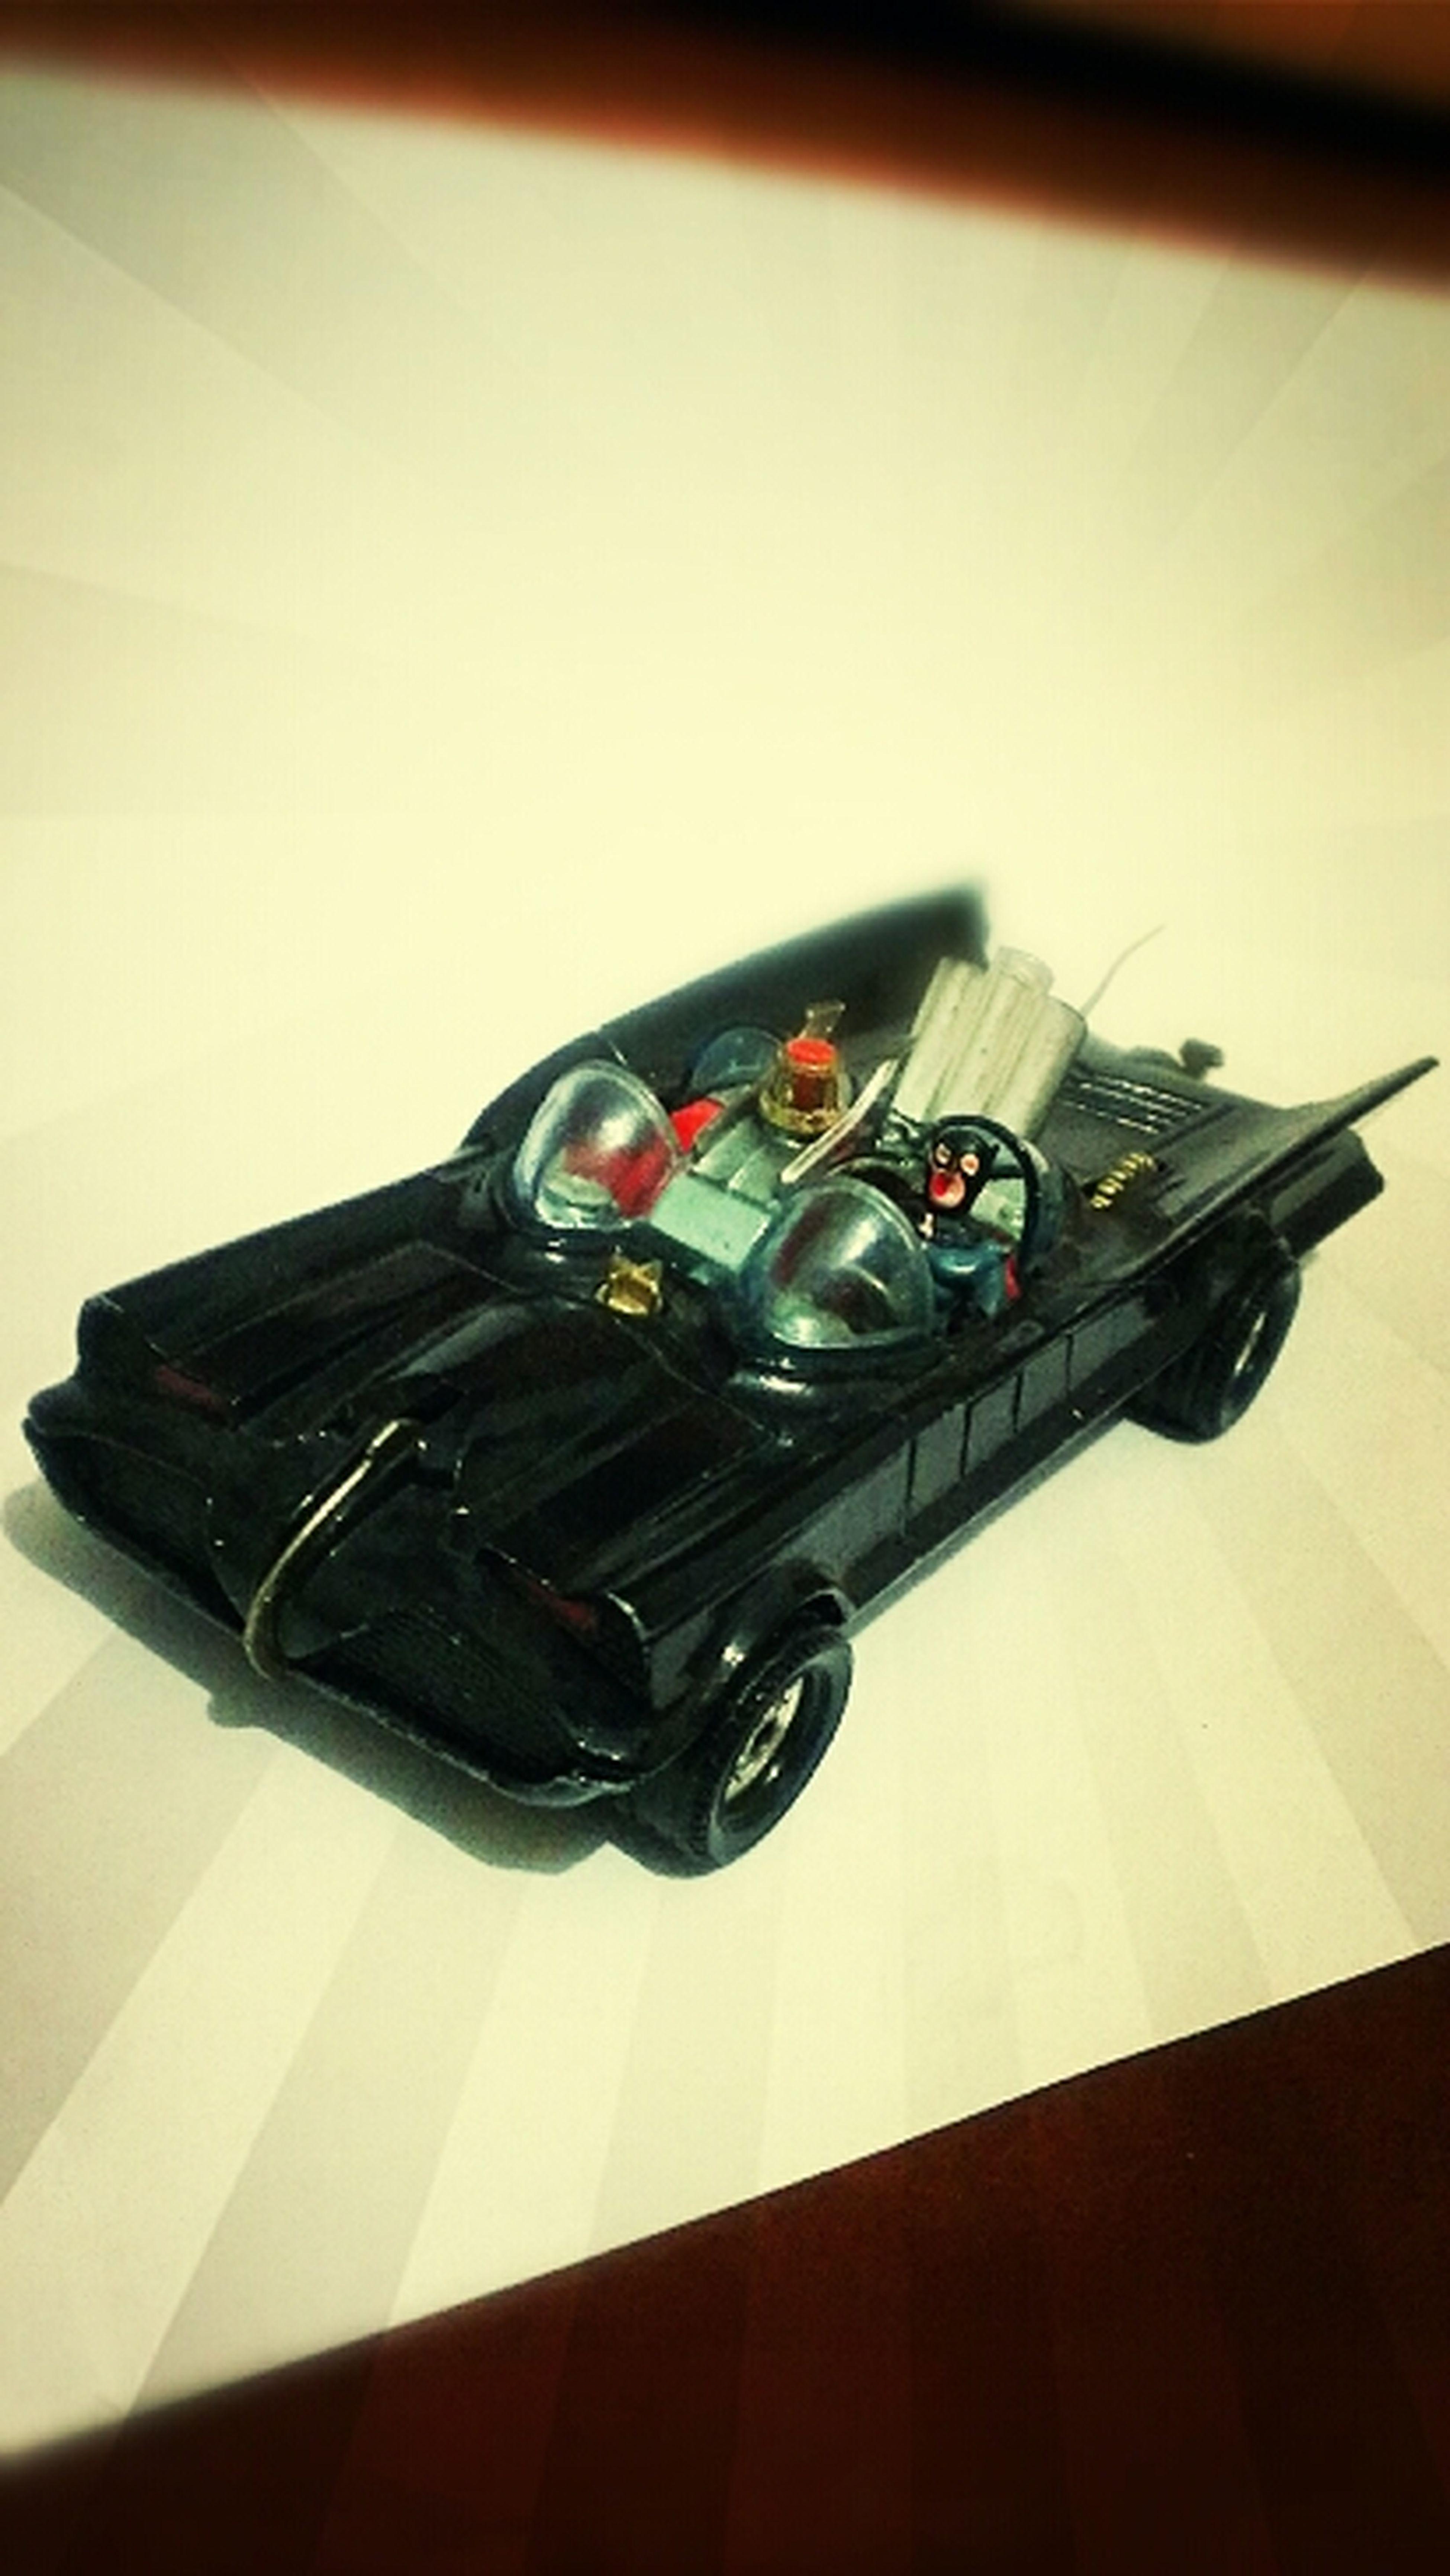 Batman Batmobile Waiting In The Batmobile